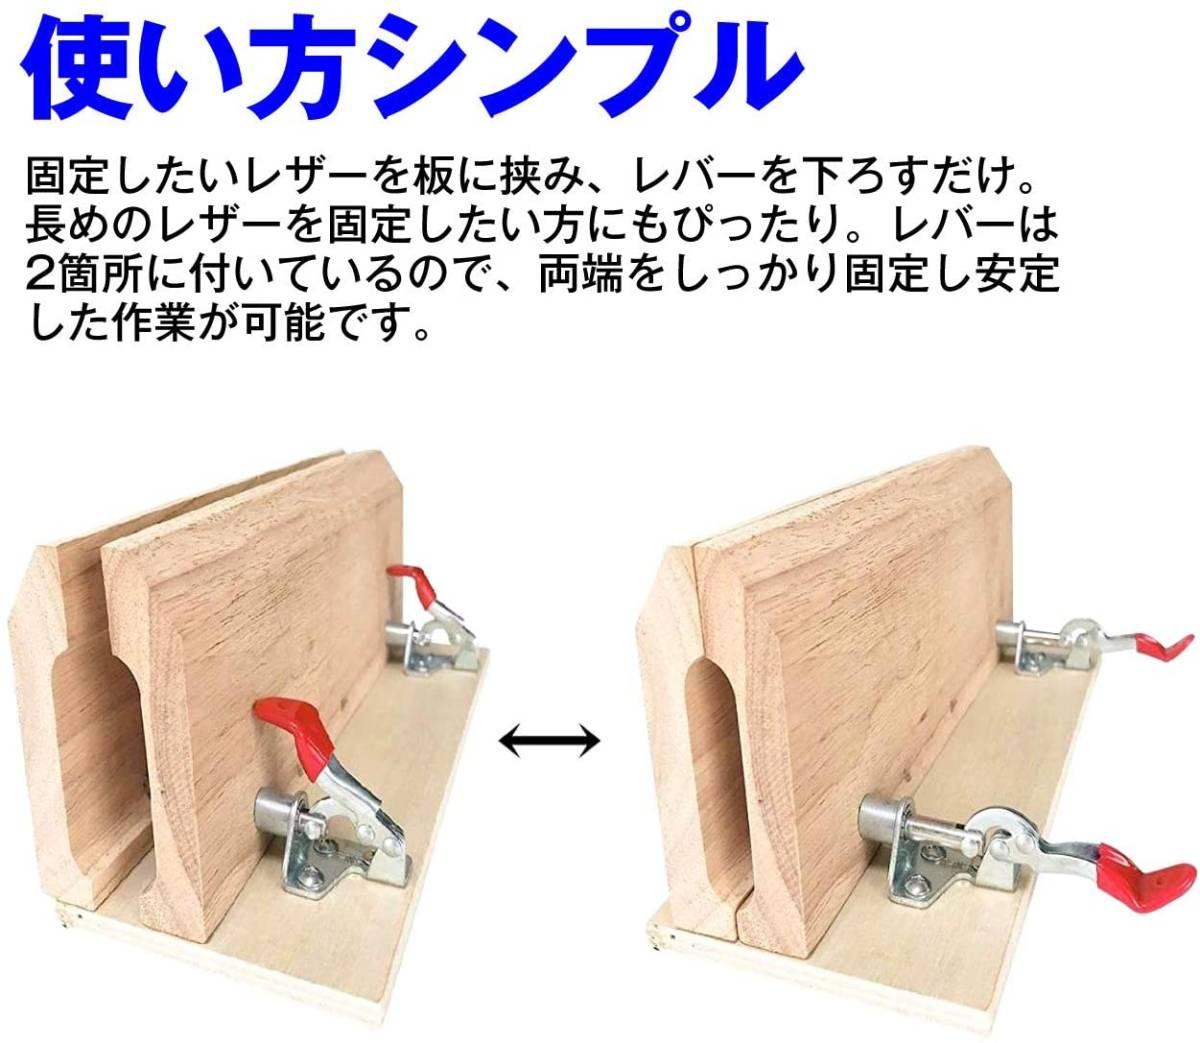 レーシングポニー ステッチングツリー レザークラフト ハンドメイド 卓上 革細工 道具 革 手縫い 革製品